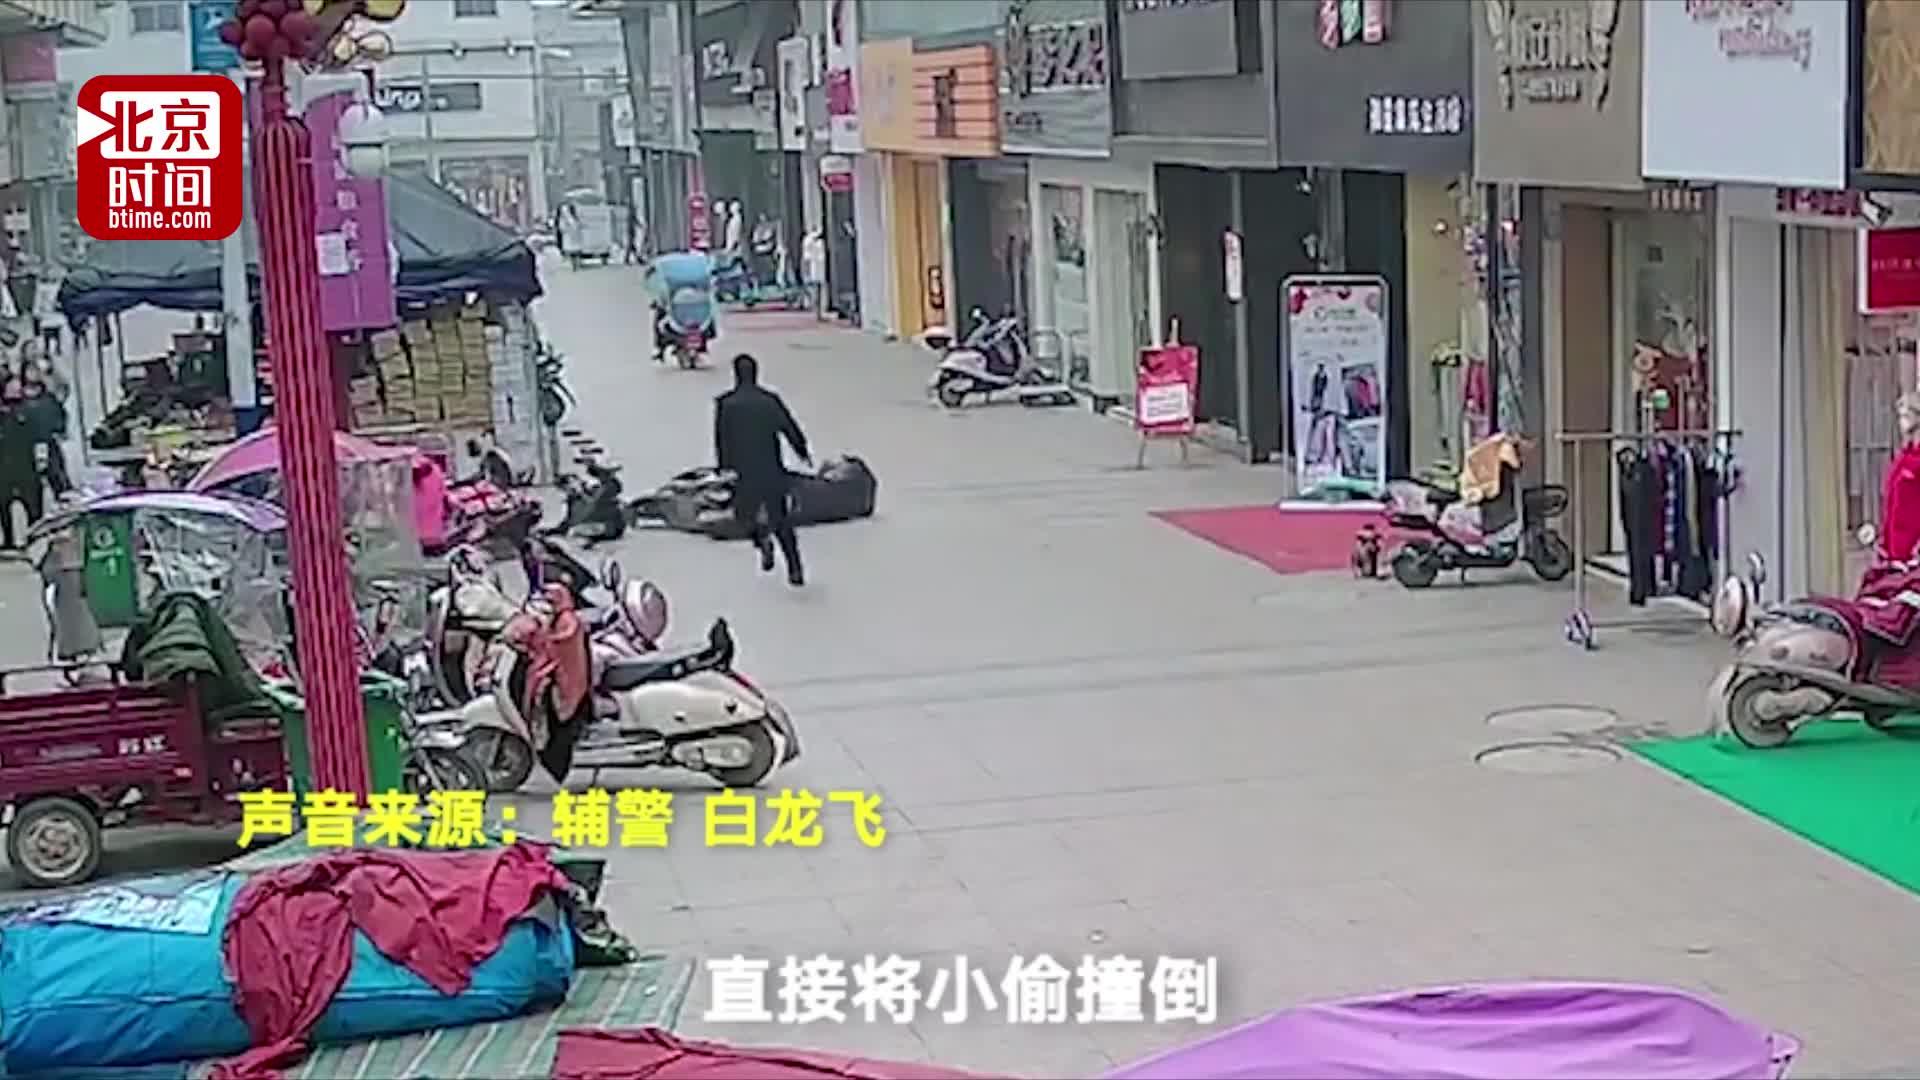 [视频]神配合!民警一声大喝 失主骑车怼翻小偷